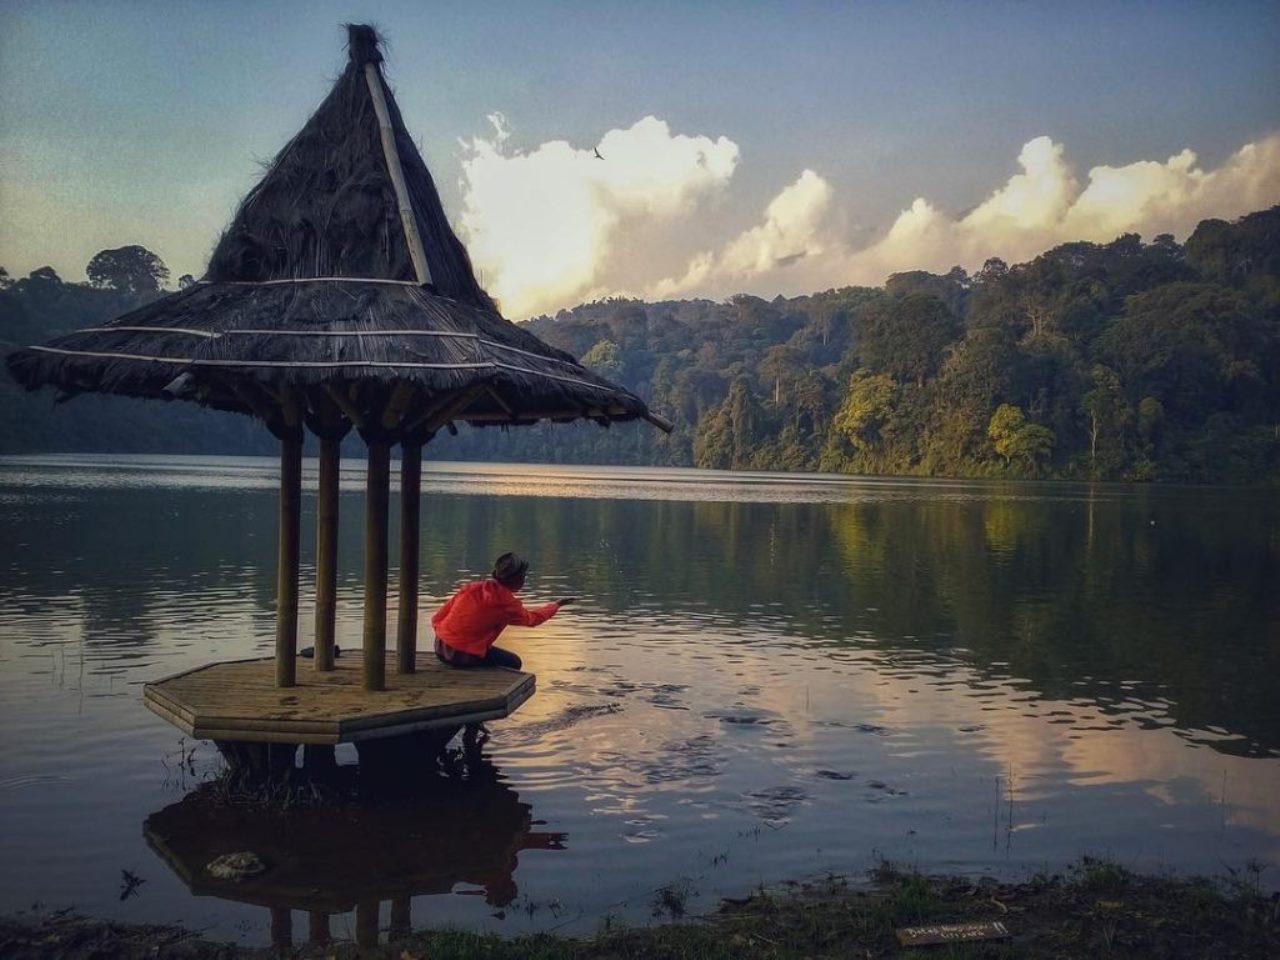 Tempat Wisata Di Majalengka Yang Bisa Di Kunjungi Saat Liburan